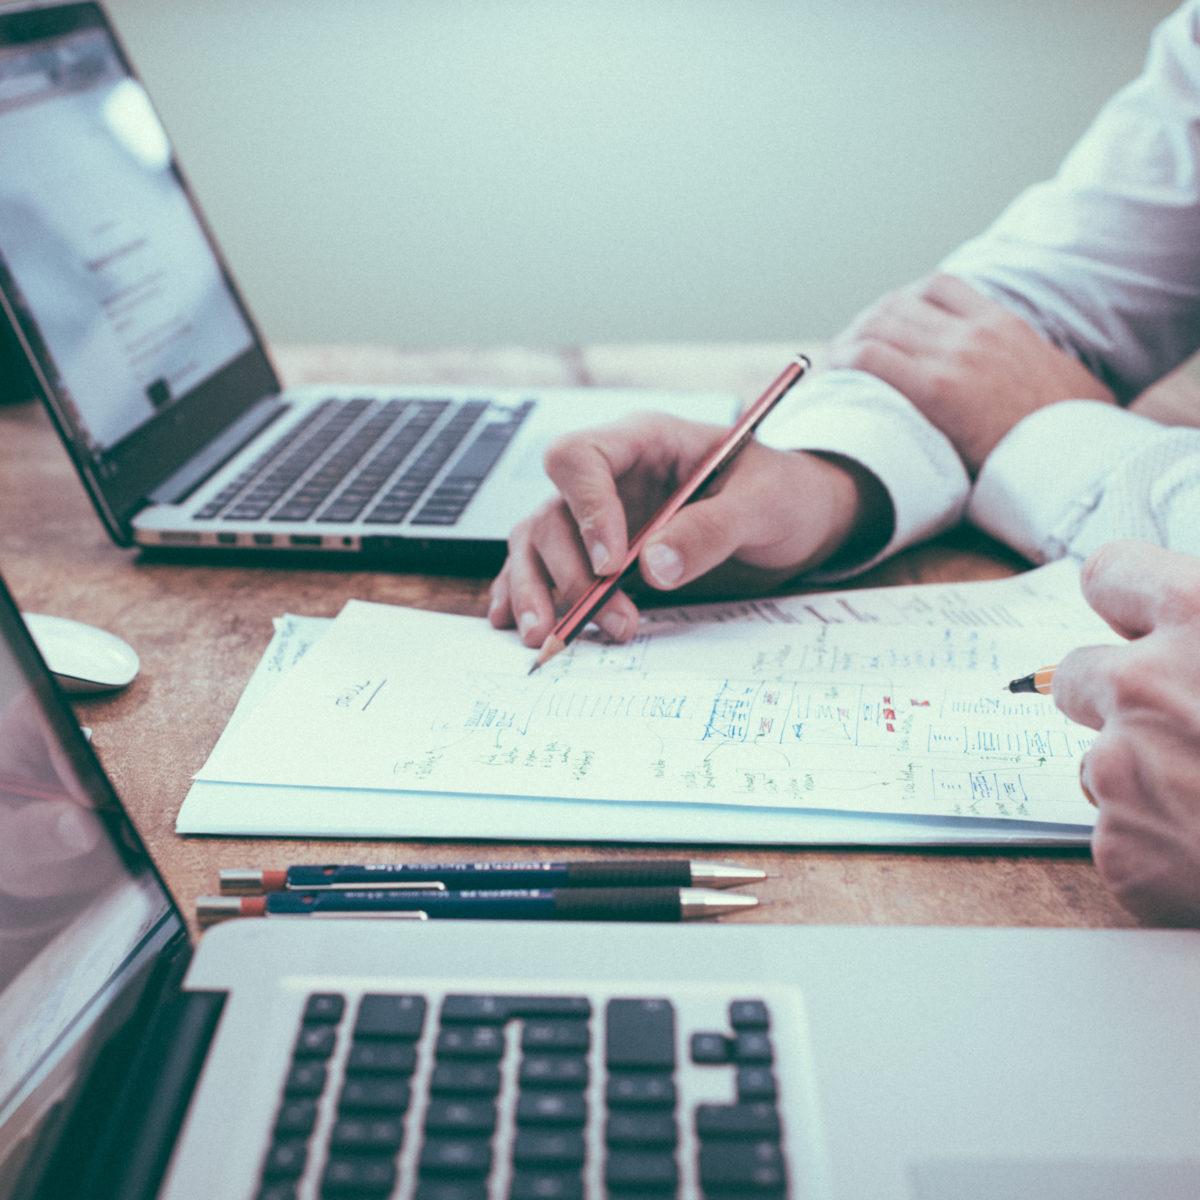 Business Männer sitzen vor zwei Laptops und fertigen Notizen auf einem Blatt an